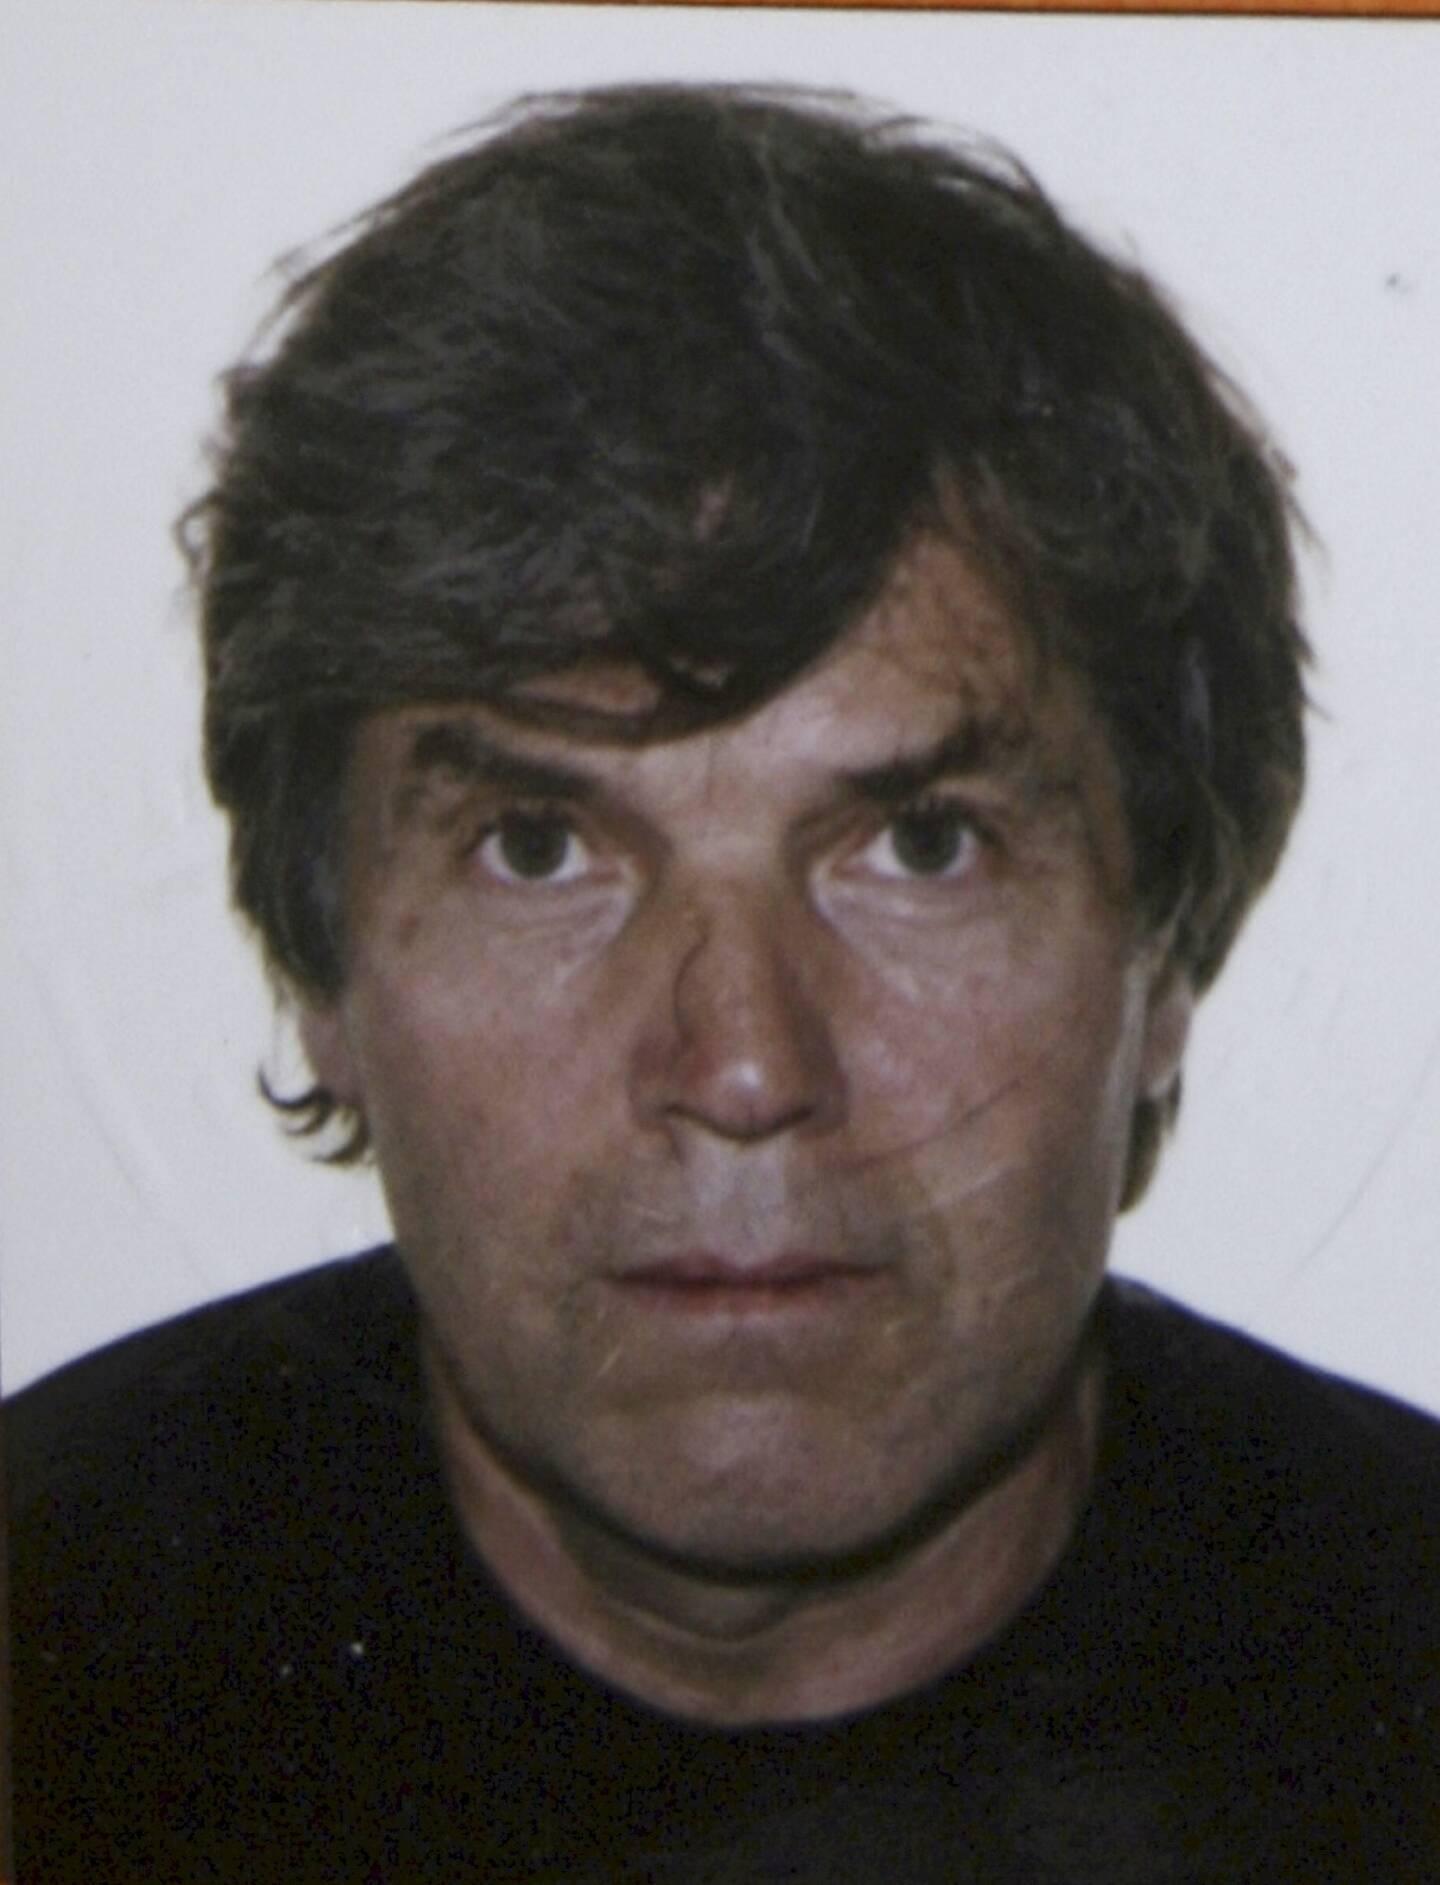 Michel Lambin, déjà condamné pour un assassinat et accusé par plusieurs témoins d'une série de meurtres aujourd'hui prescrits, avait écopé en décembre 2017 à Nice d'une peine de réclusion à perpétuité, assortie de 22 ans de sûreté, pour le meurtre d'un gardien d'école.